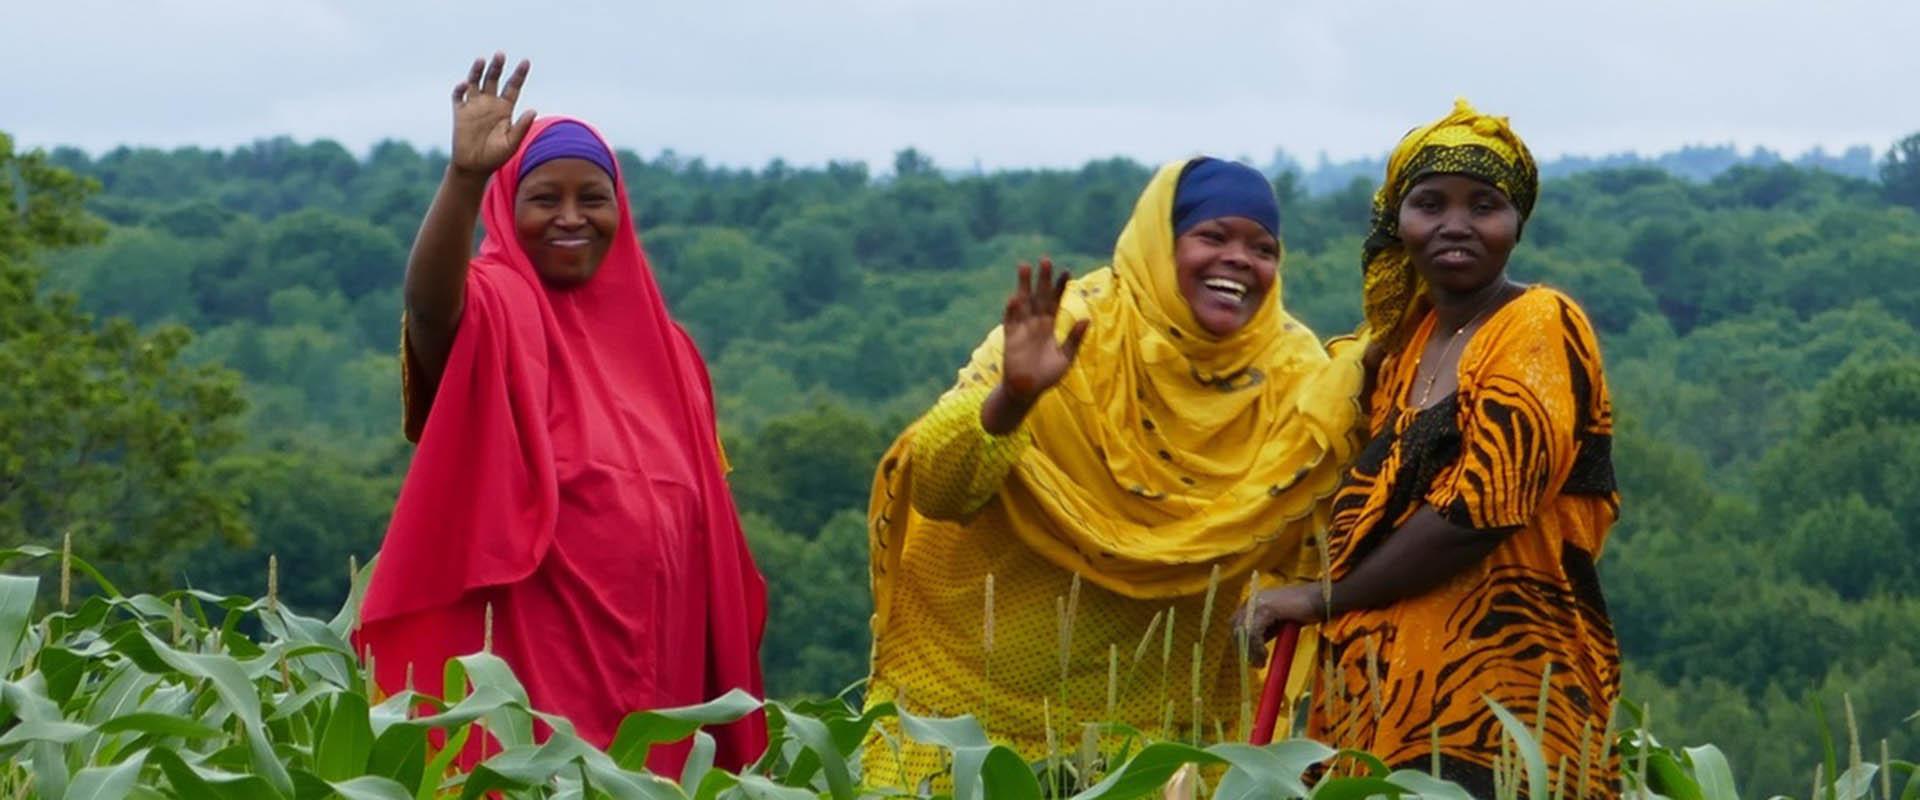 Somali Bantu women at Liberation Farms